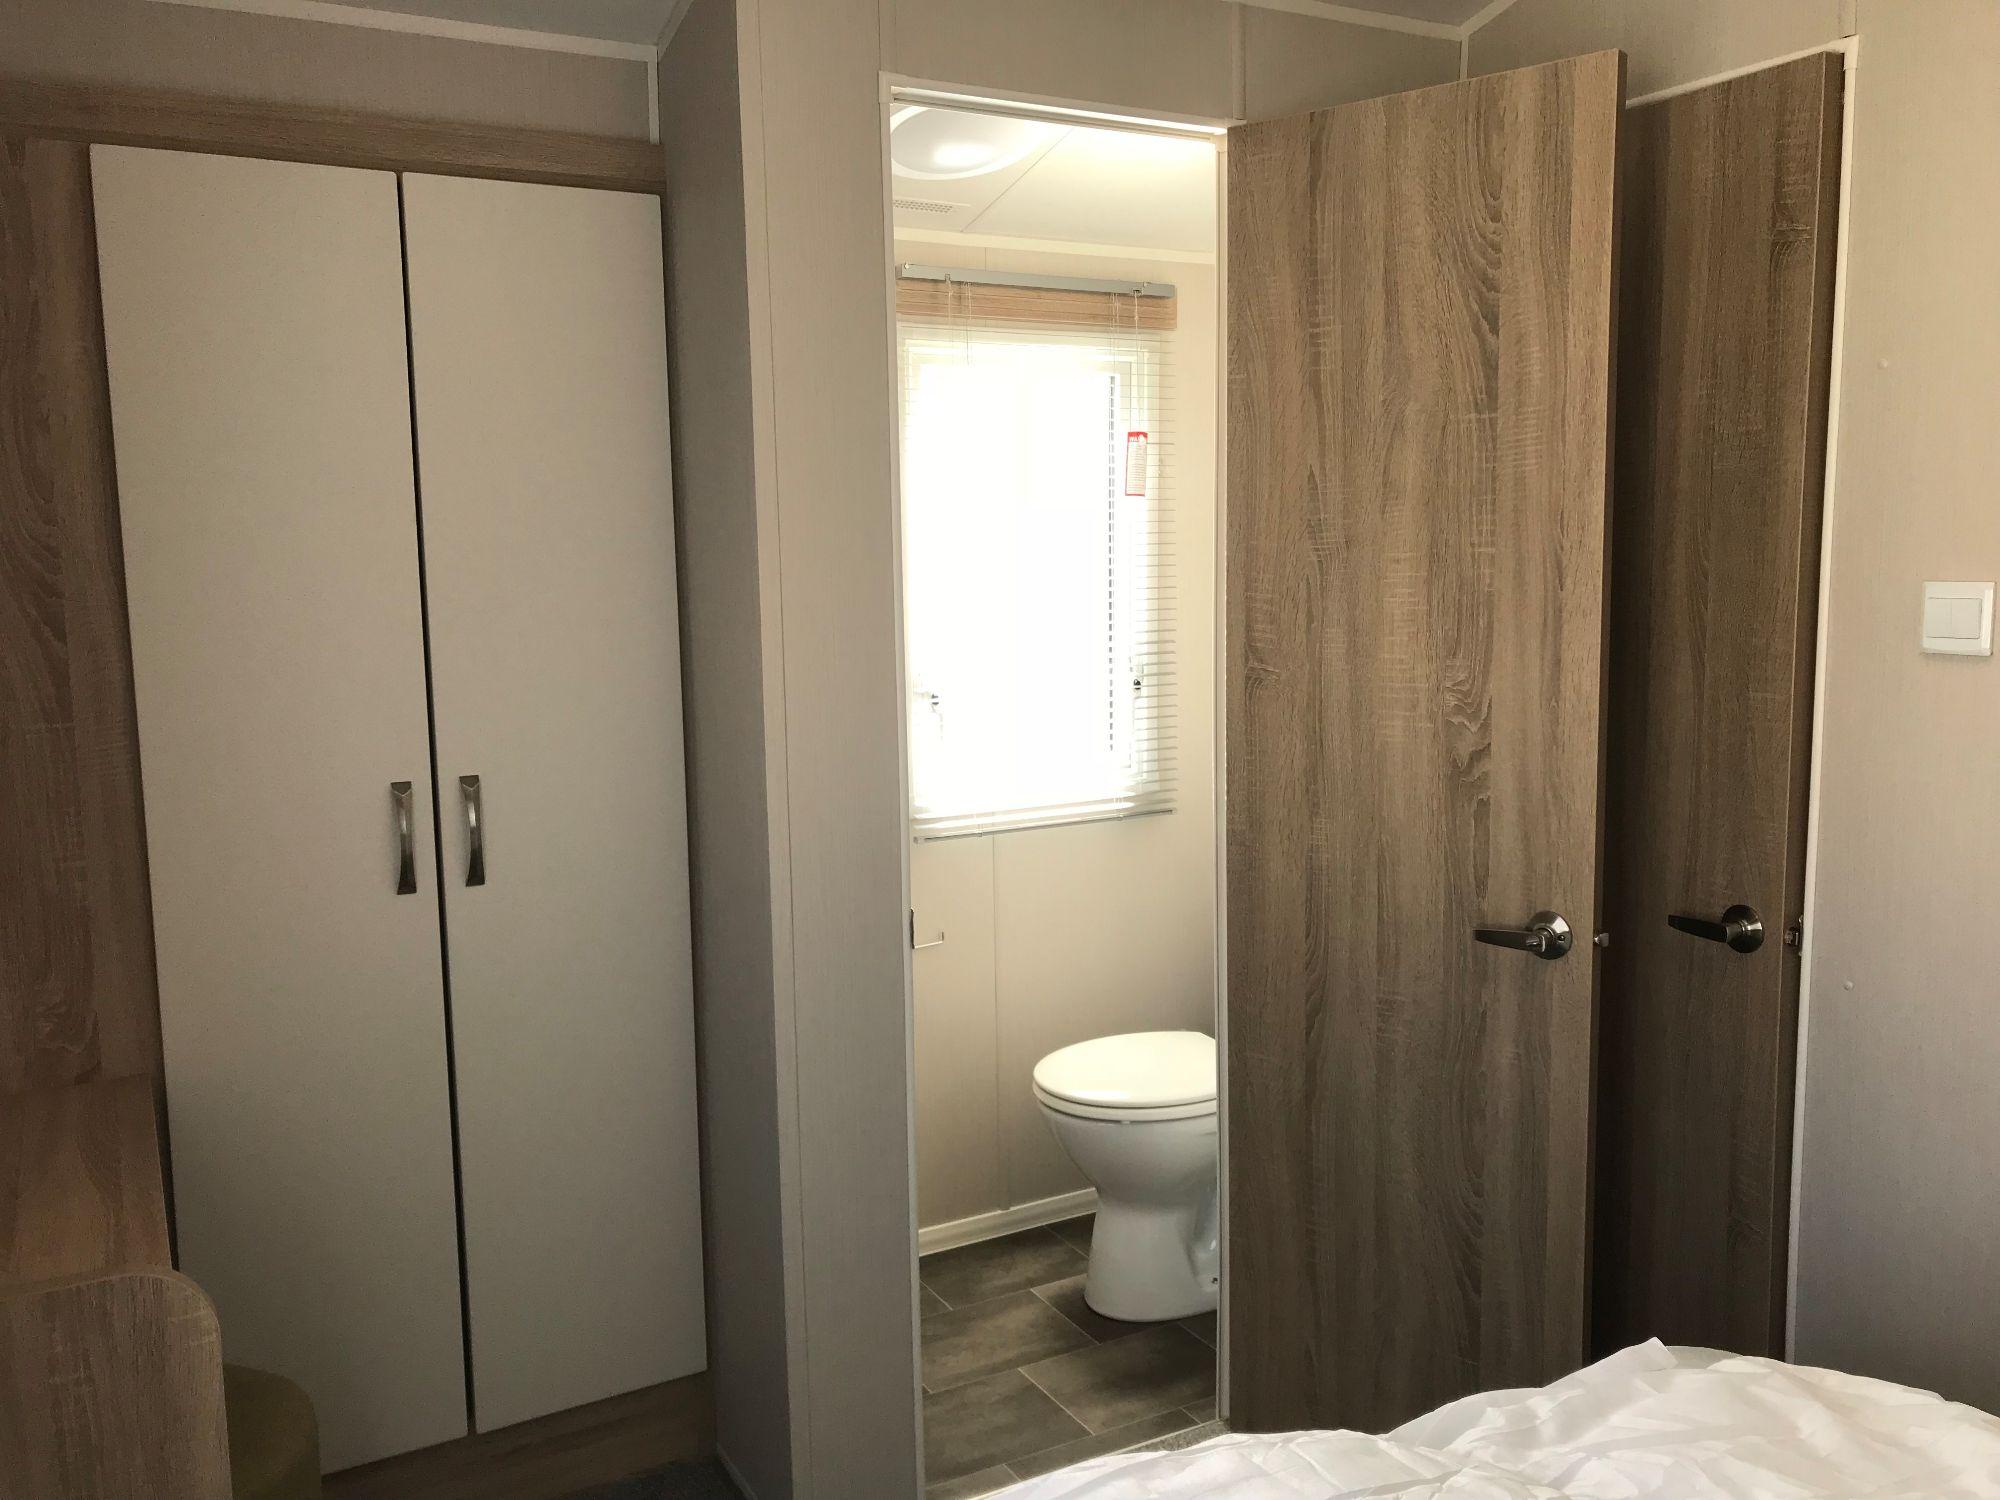 Cravan with en-suite at Butlins Minehead